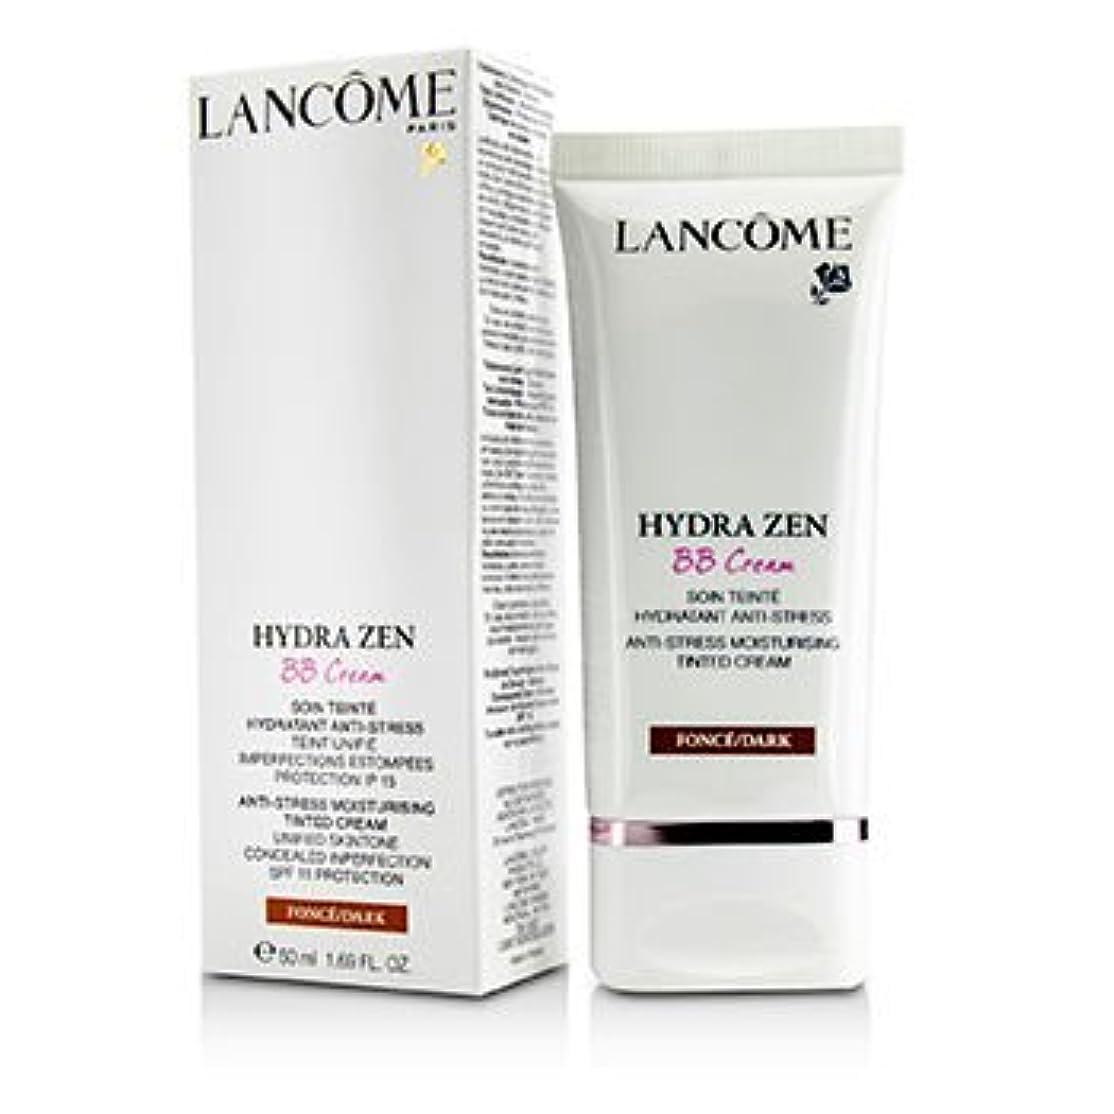 してはいけませんメイトかわいらしい[Lancome] Lancome Hydra Zen (BB Cream) Anti-Stress Moisturising Tinted Cream SPF 15 - # Dark 50ml/1.69oz